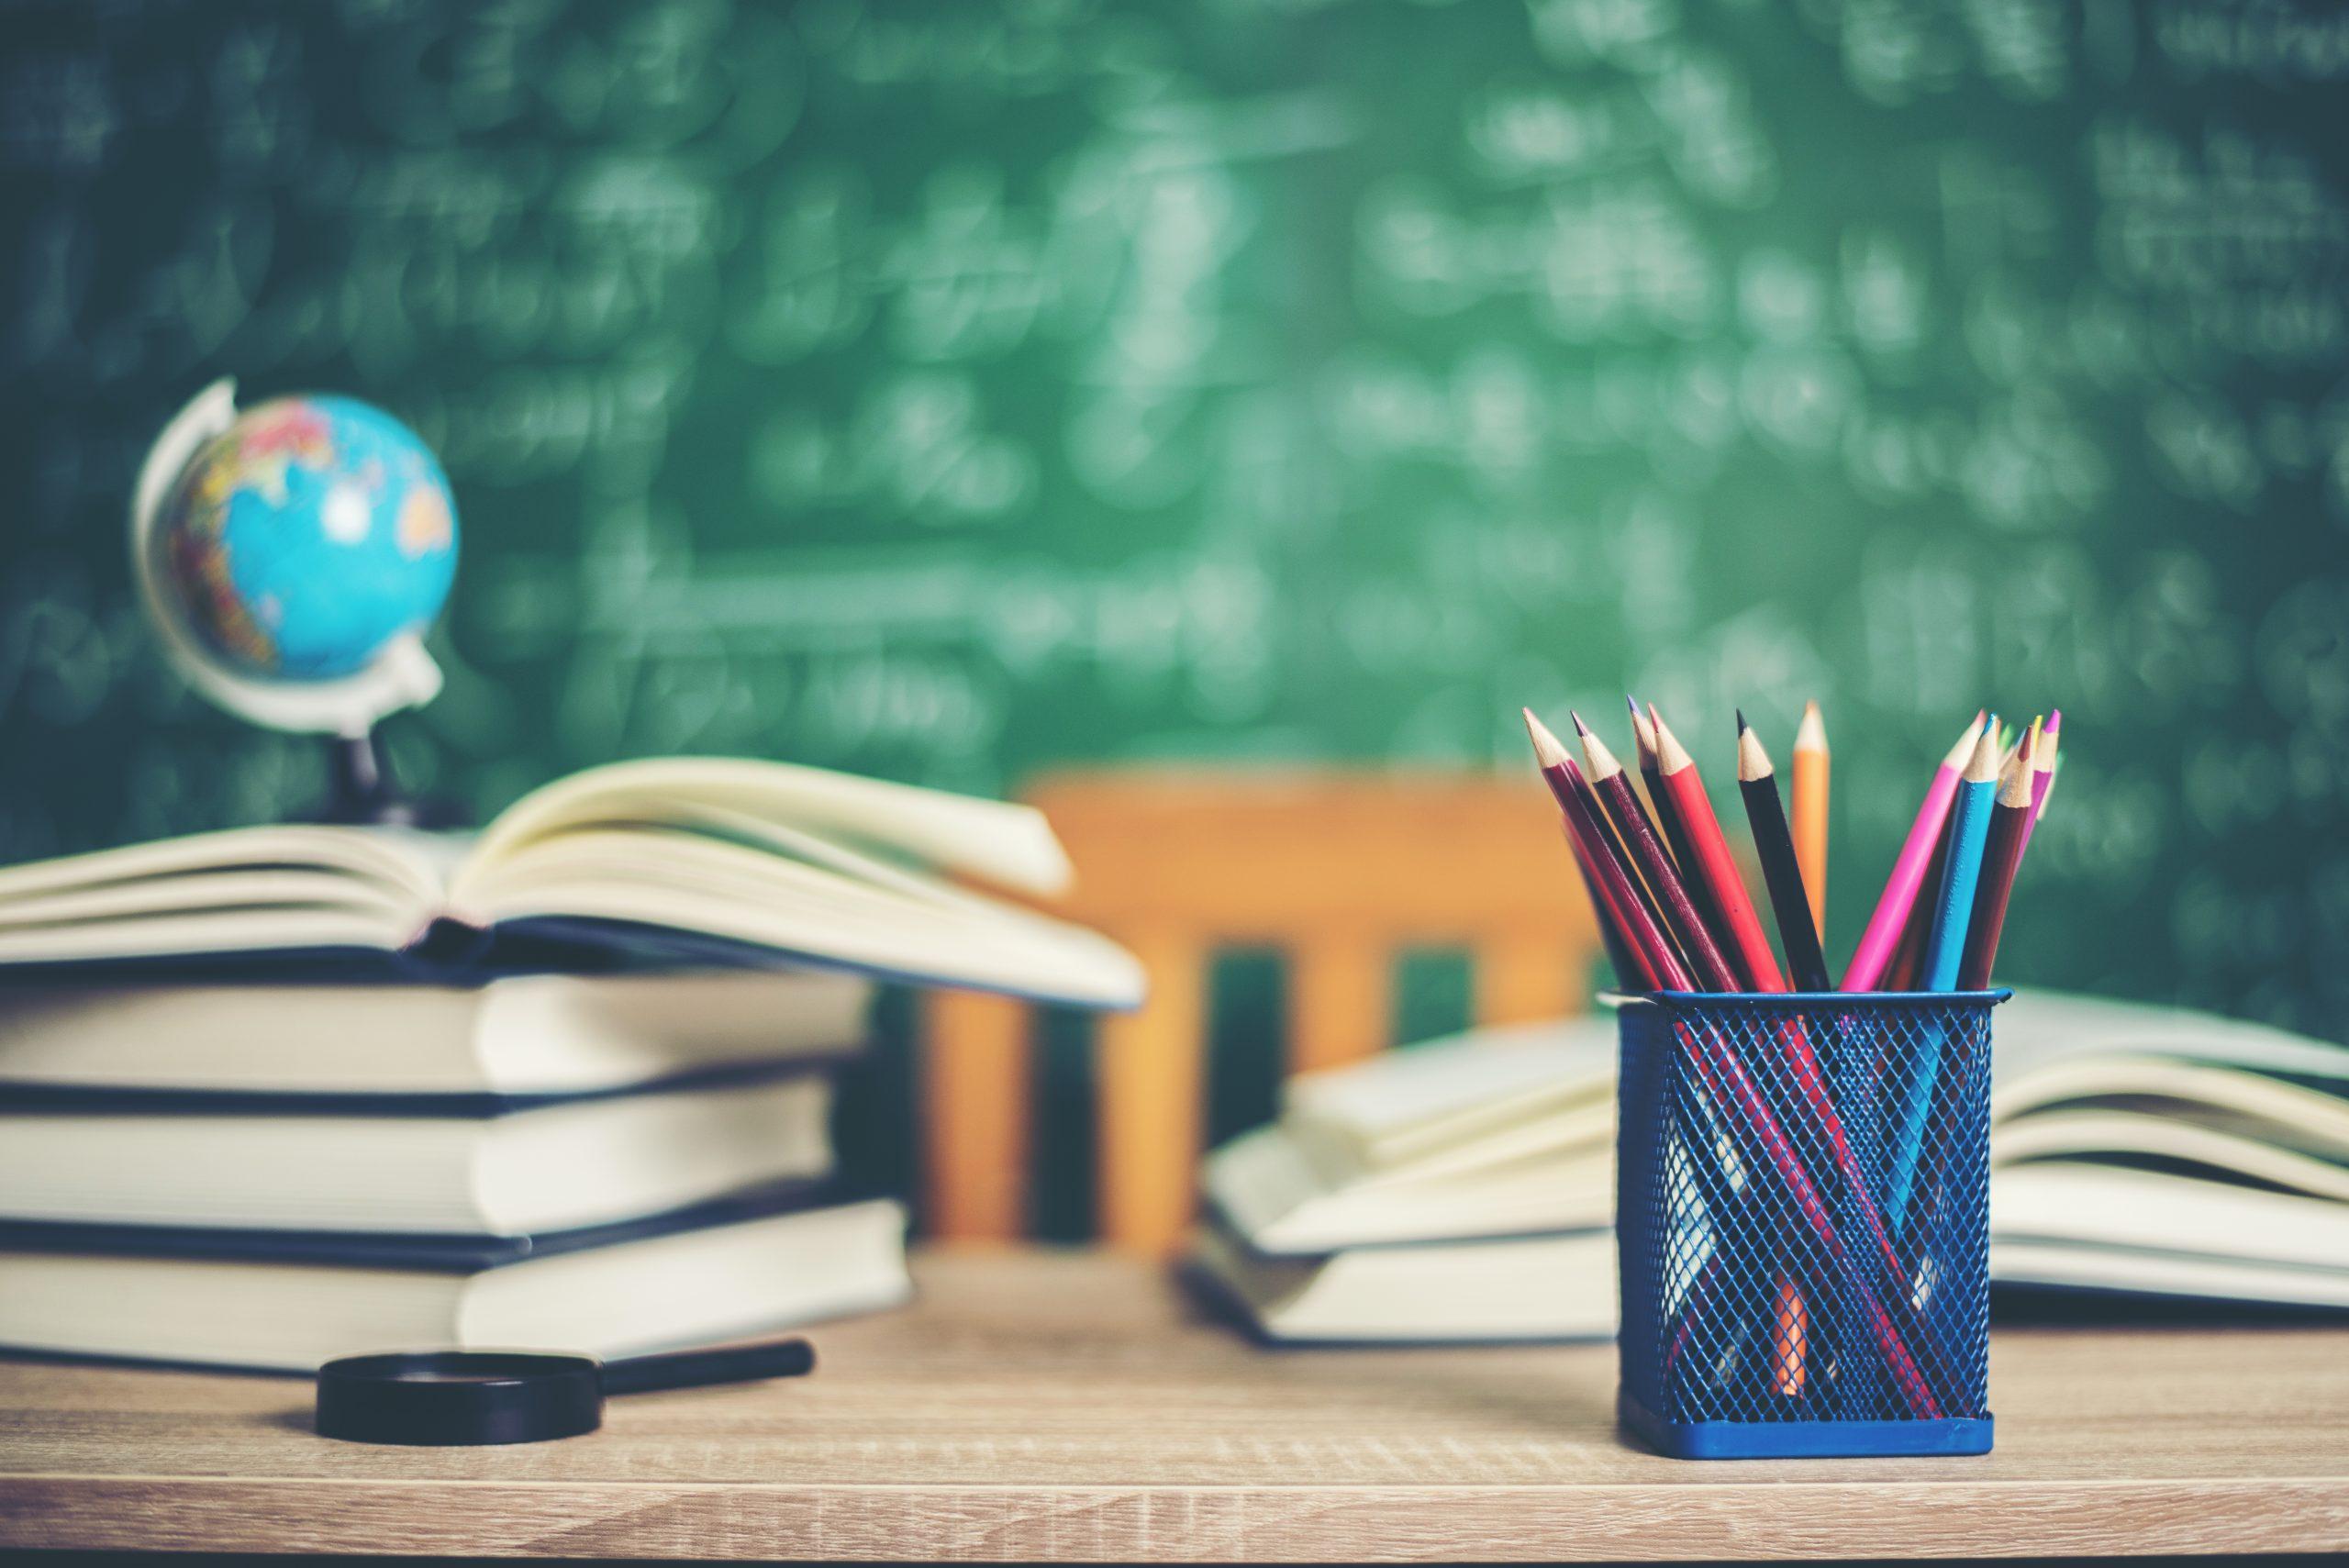 نظام مدرسي متكامل